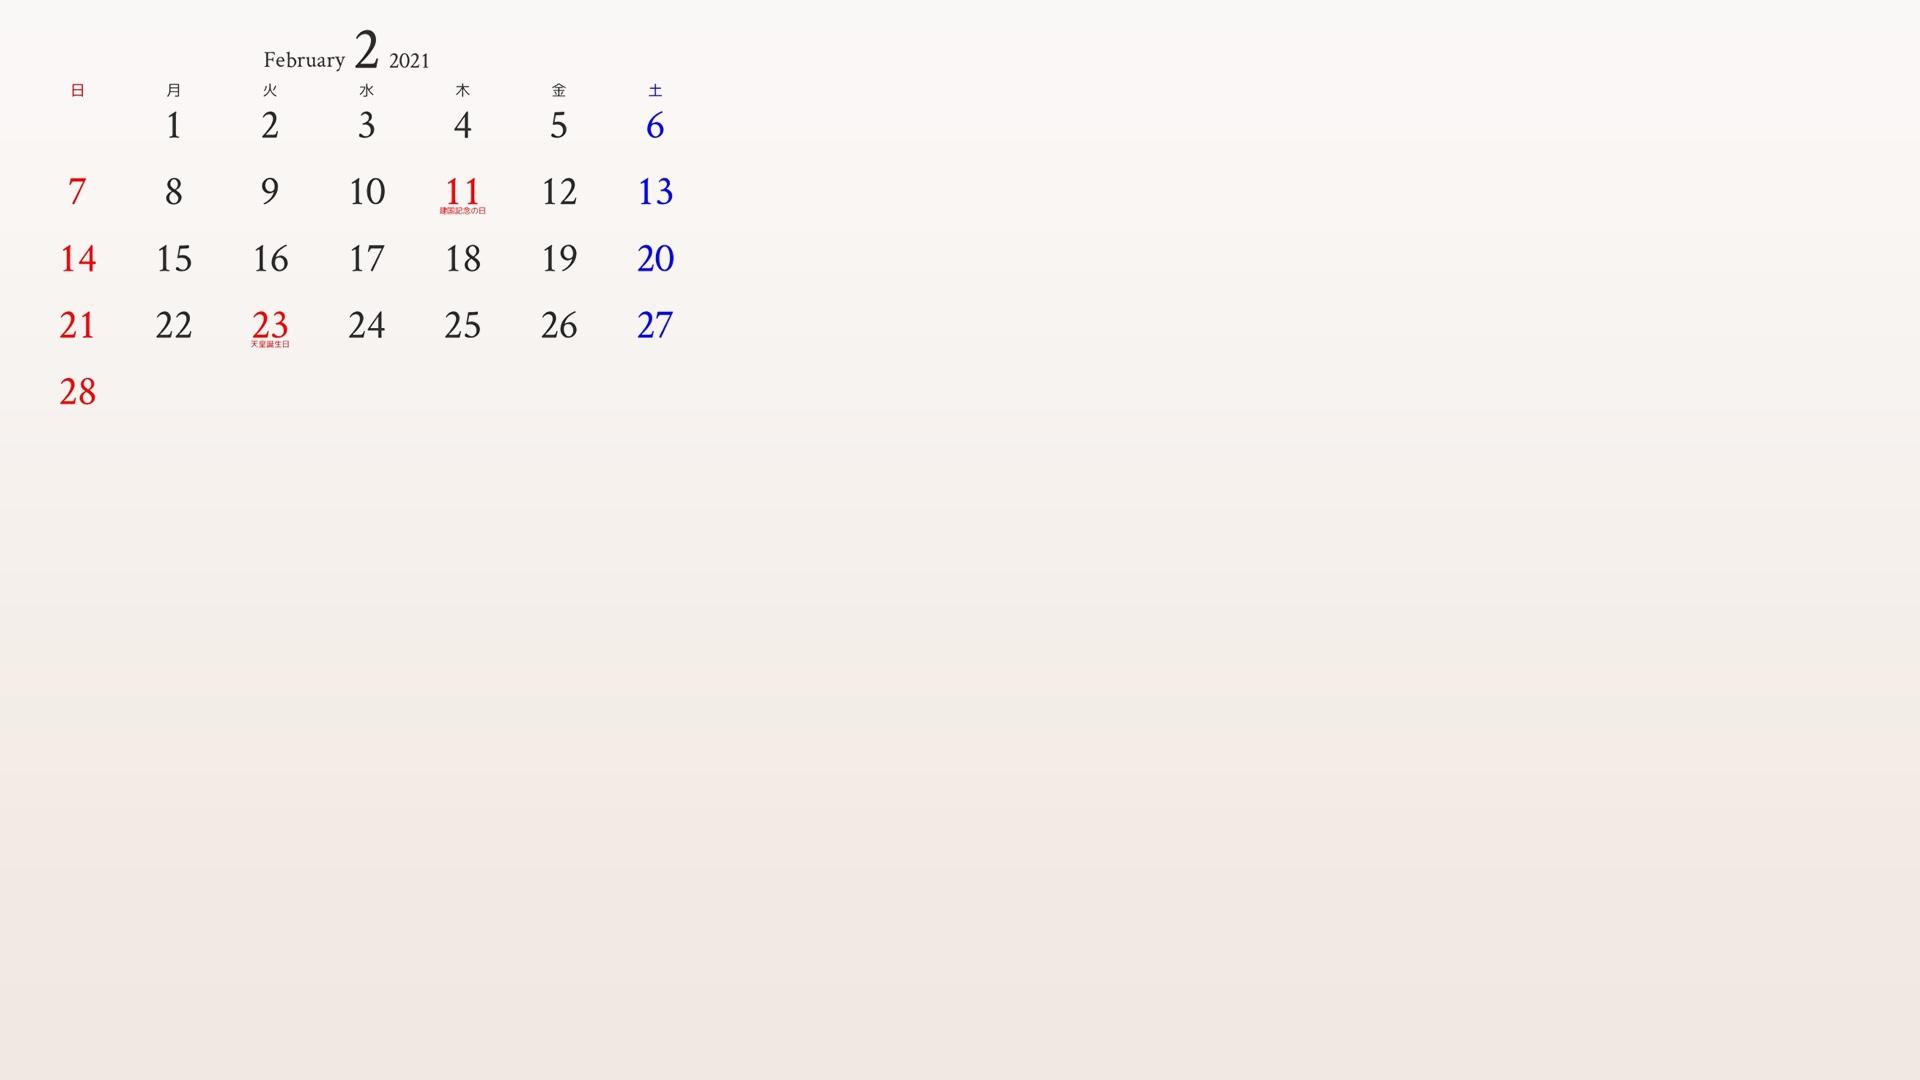 2月のカレンダーがついたアイボリーの背景